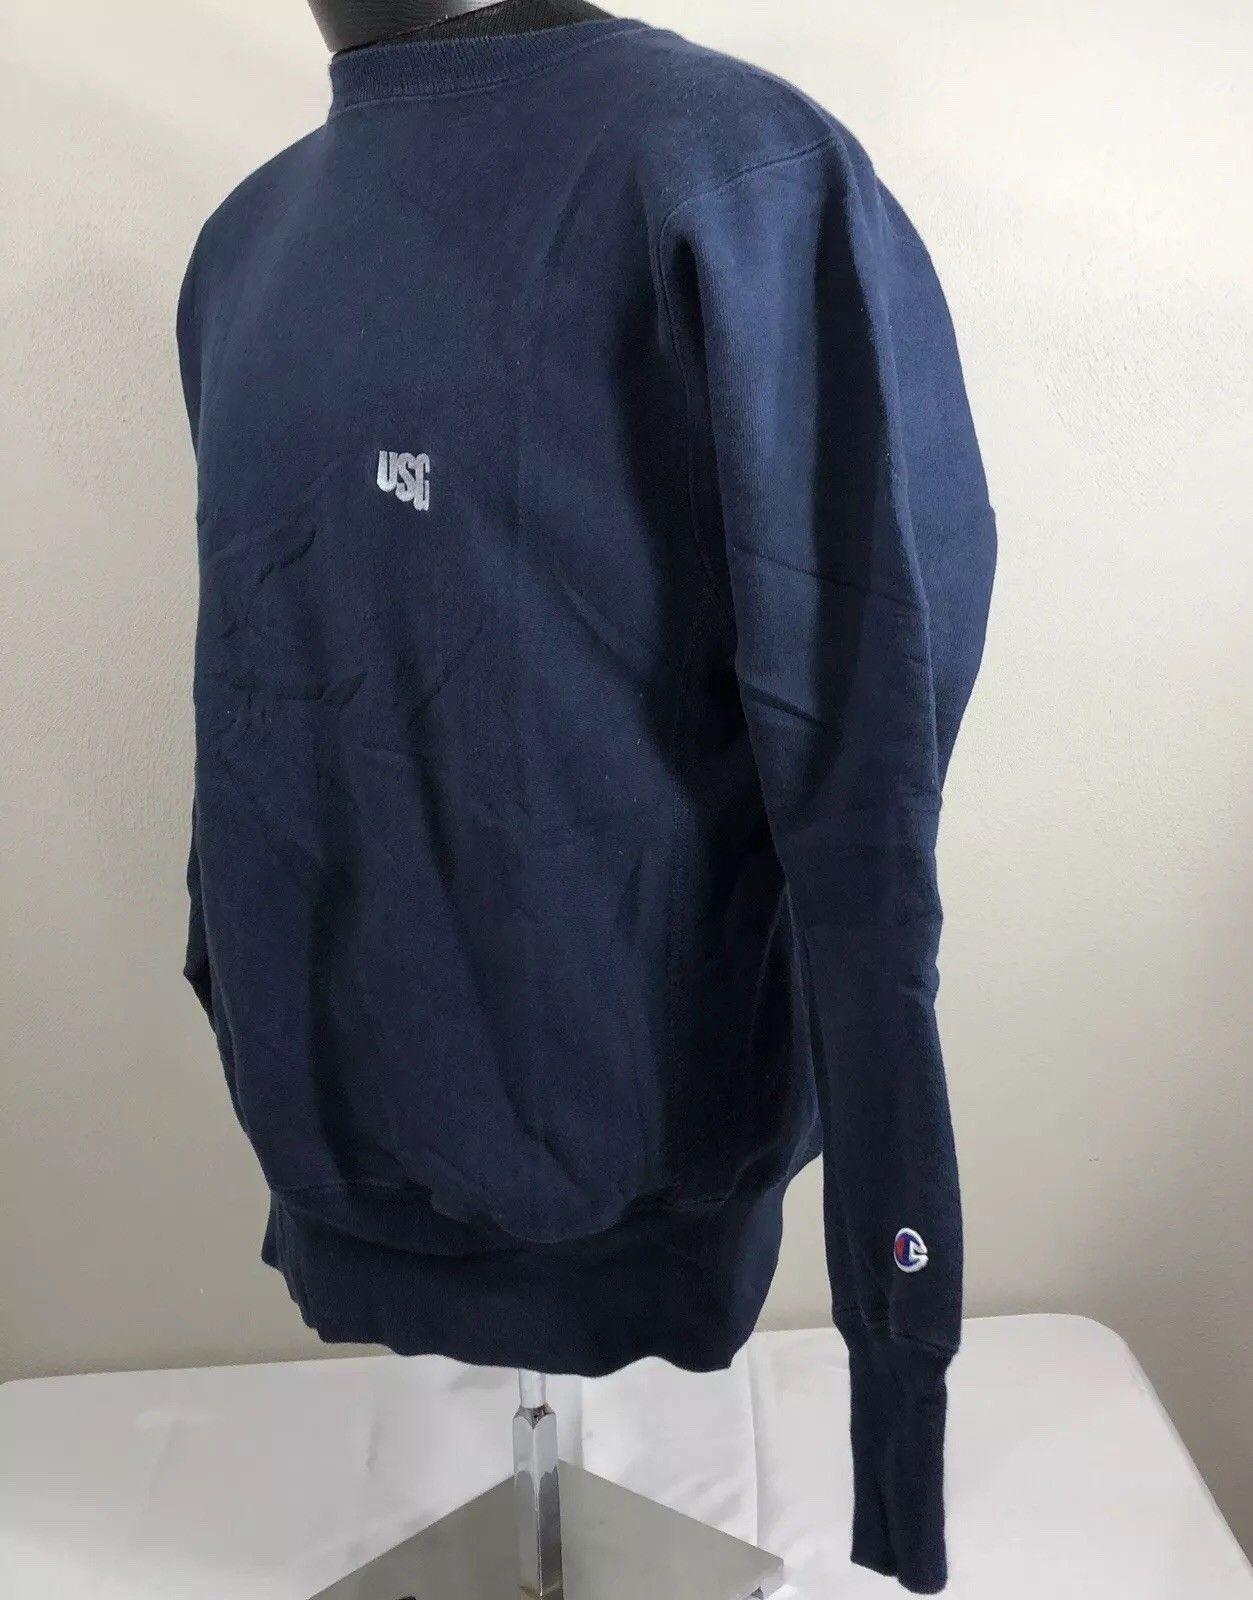 VTG Champion Reverse Weave Sweatshirt Warm Up Jumper Crew Neck Navy Blue 90s